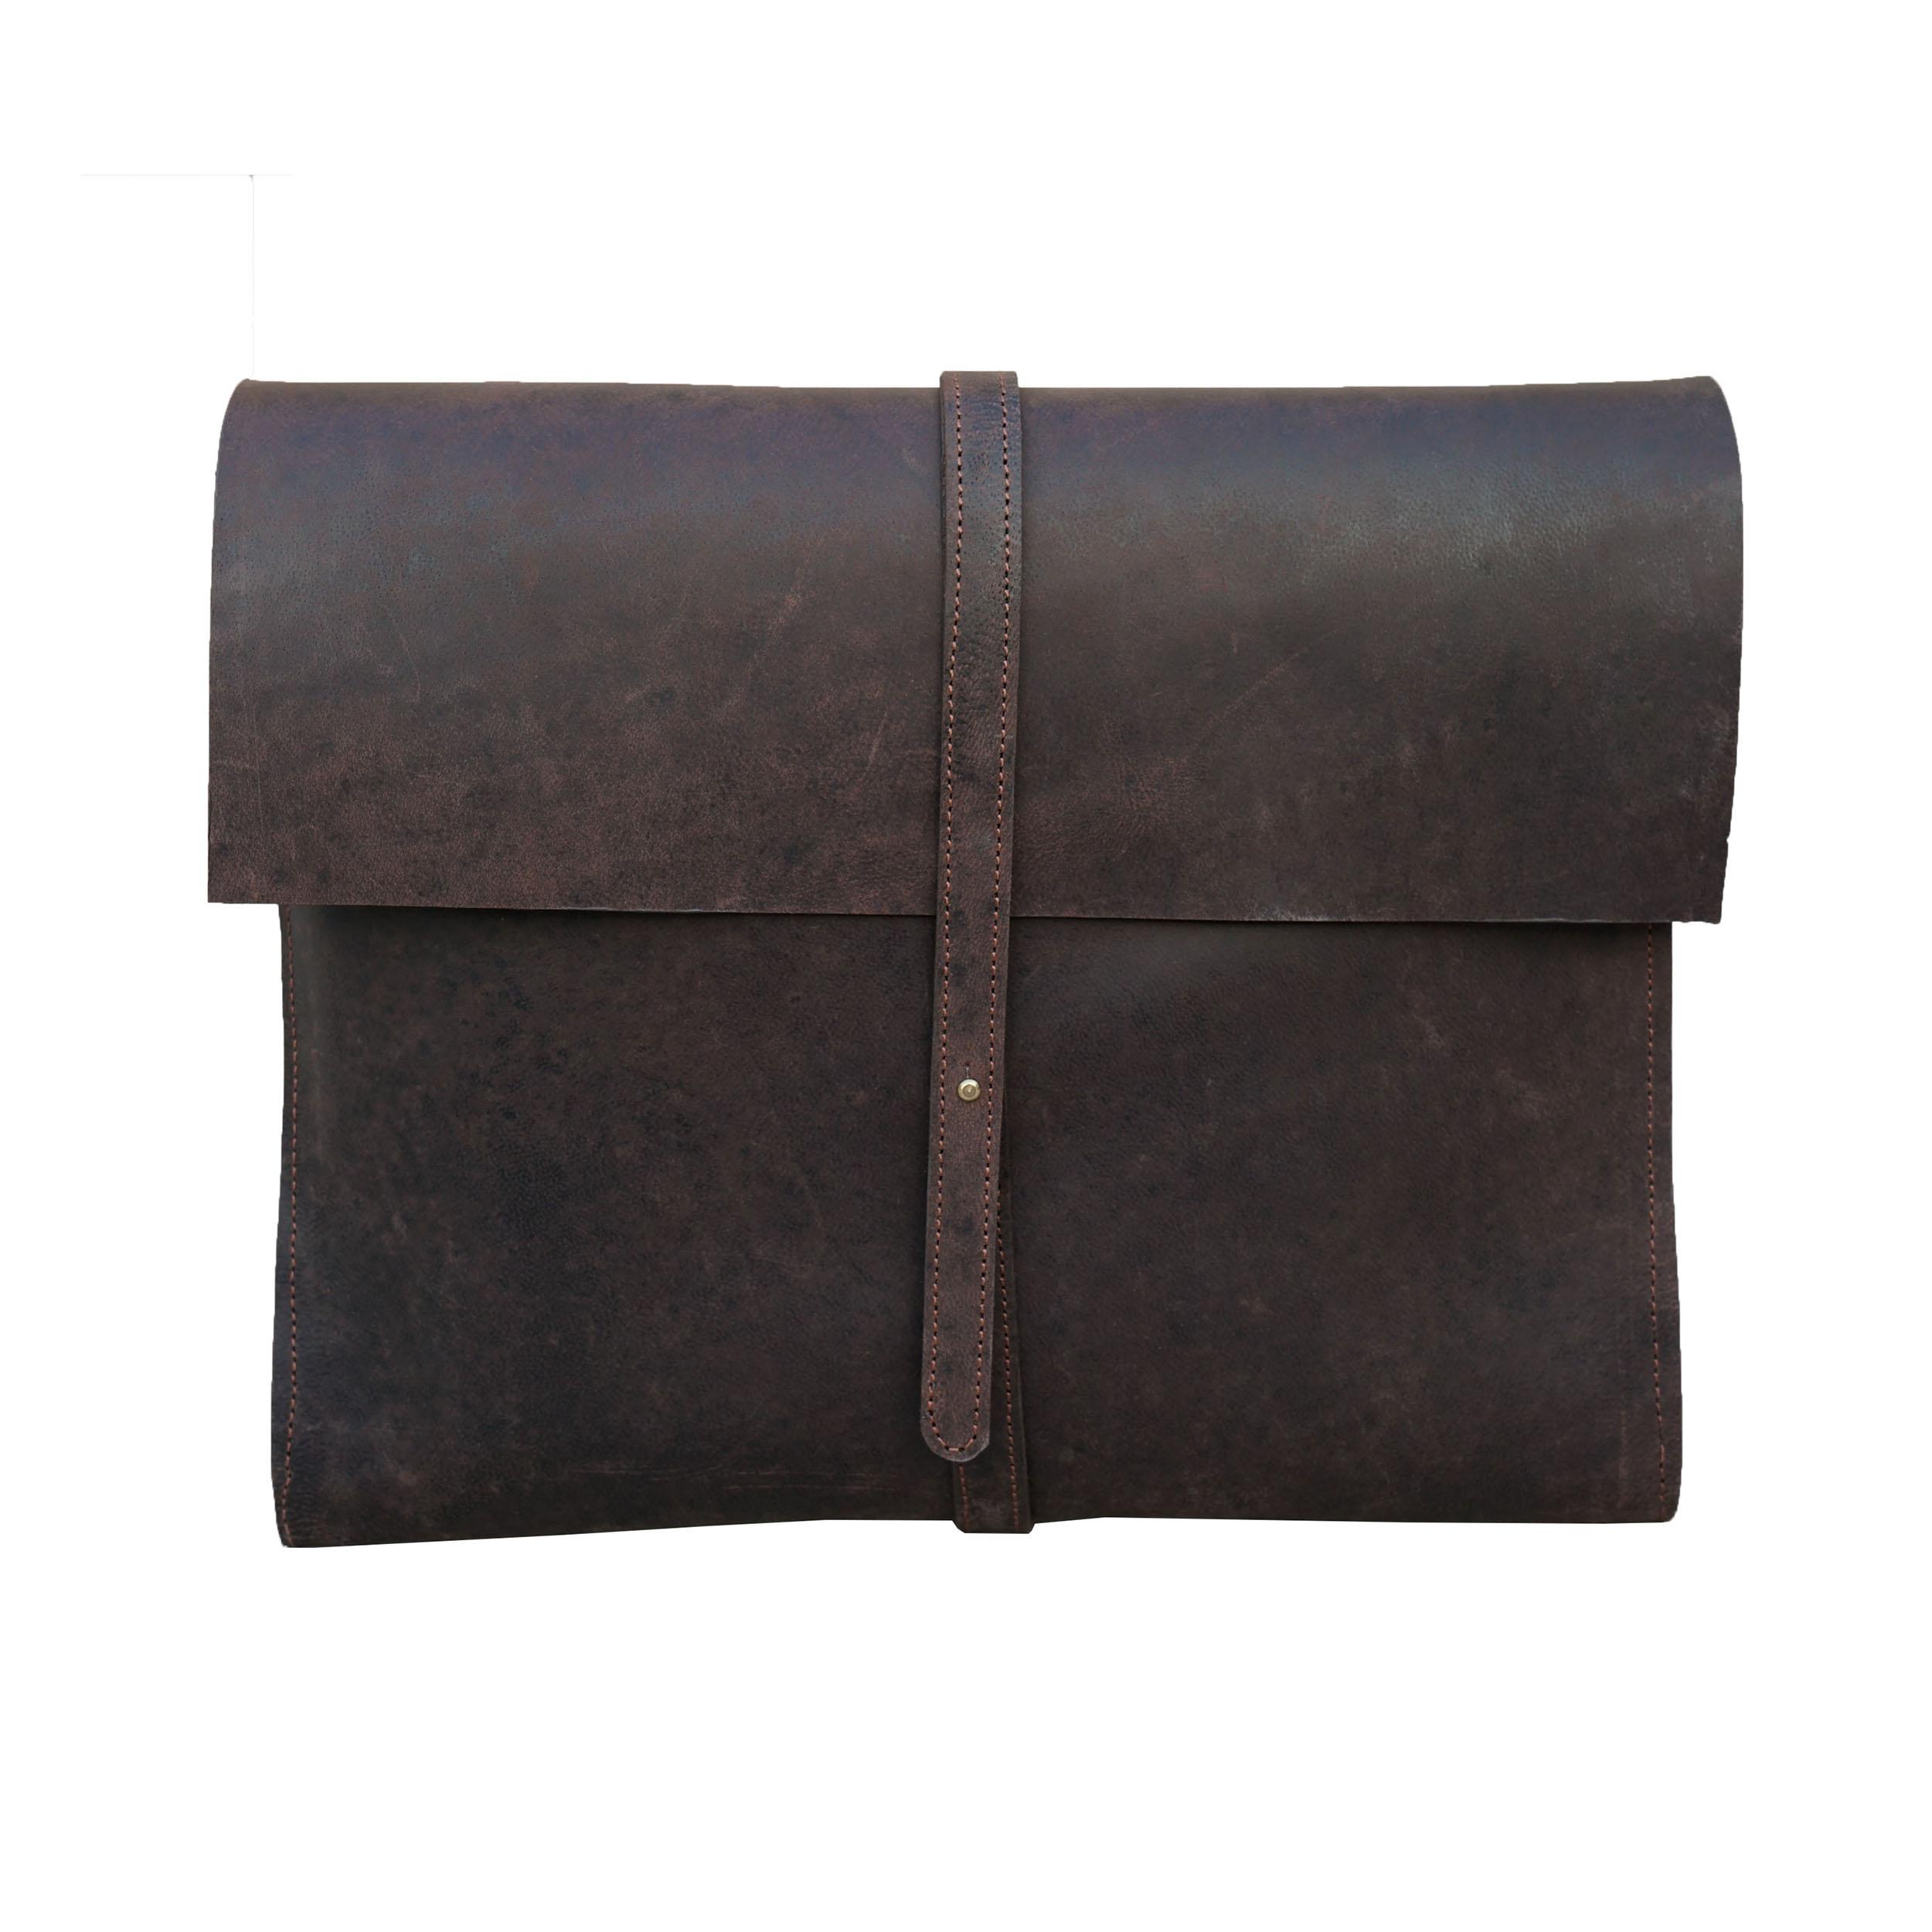 قیمت کیف دستی چرم لانکا مدل DBL-5